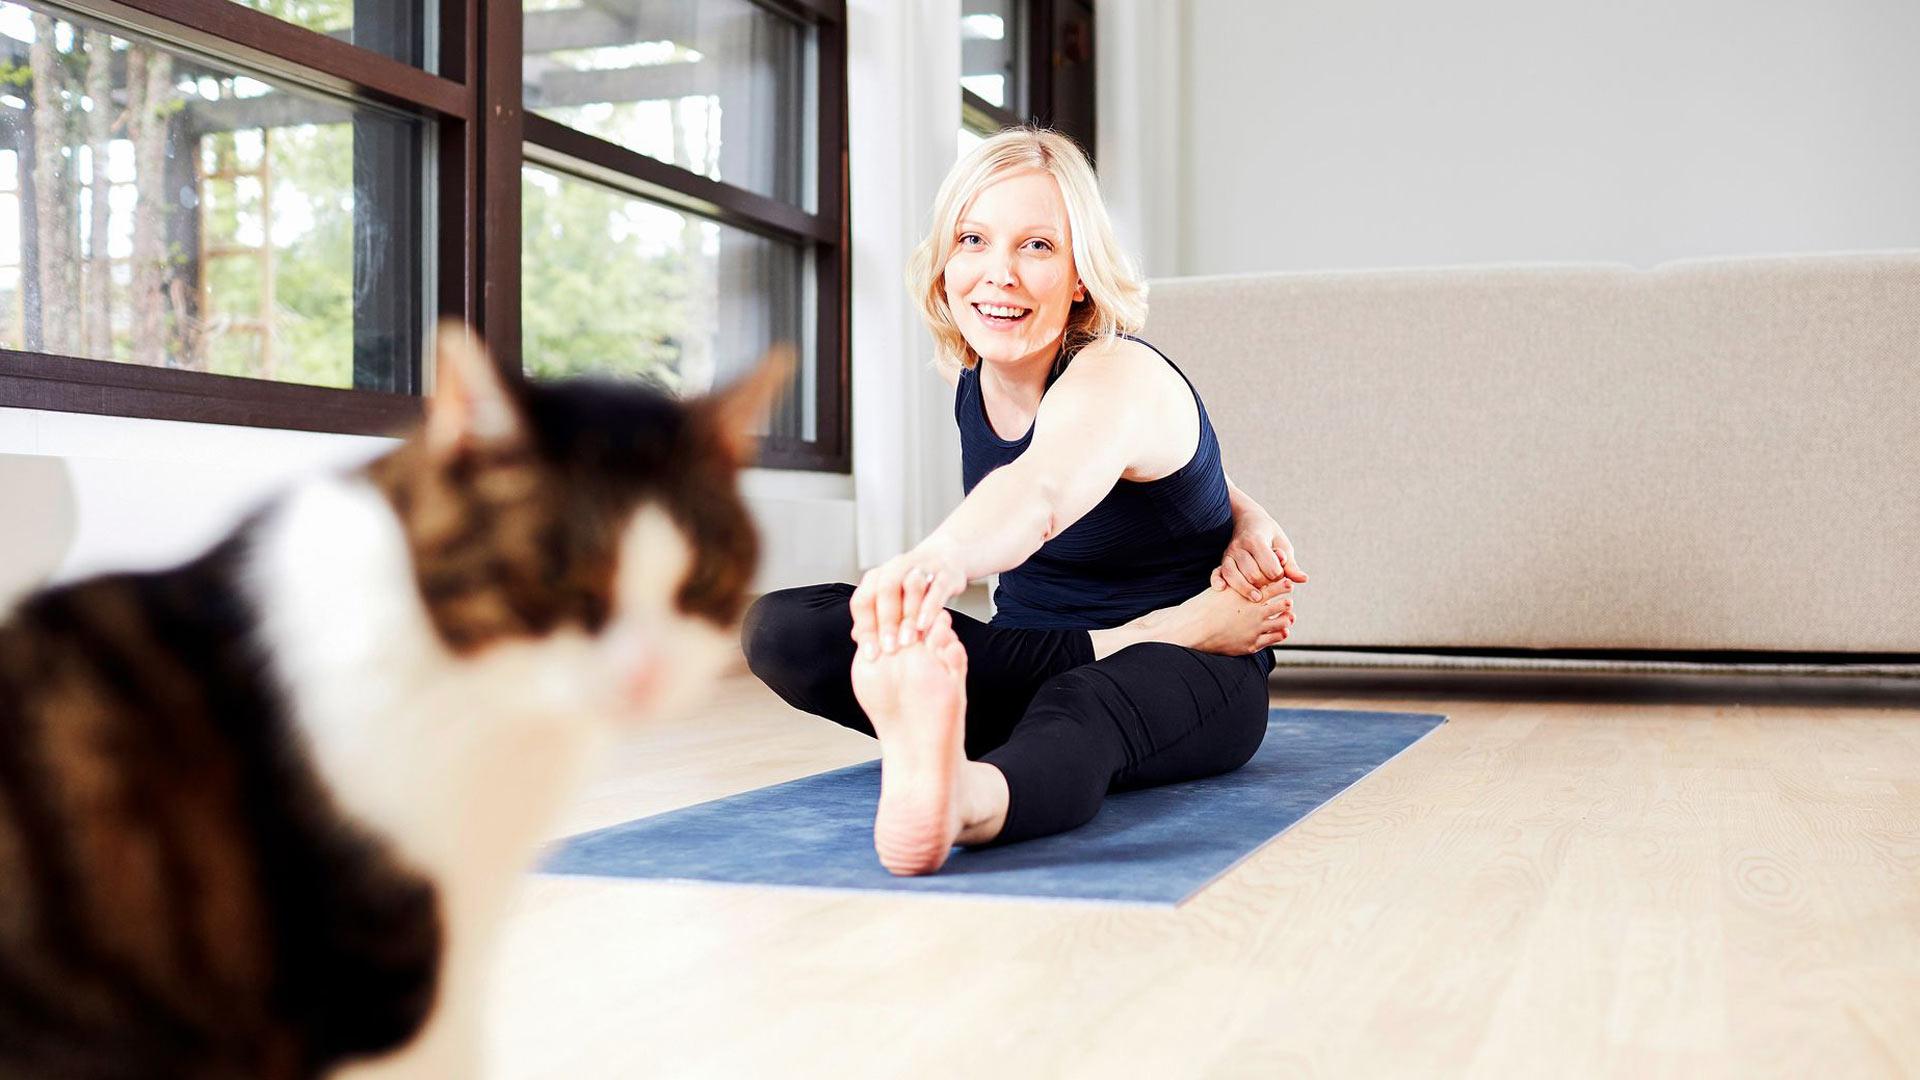 Riikka osaa nykyään tunnistaa, mitkä asiat laukaisevat hänen migreeninsä ja välttää niitä. Rauhallinen liikunta puolestaan lisää hyvinvointia.